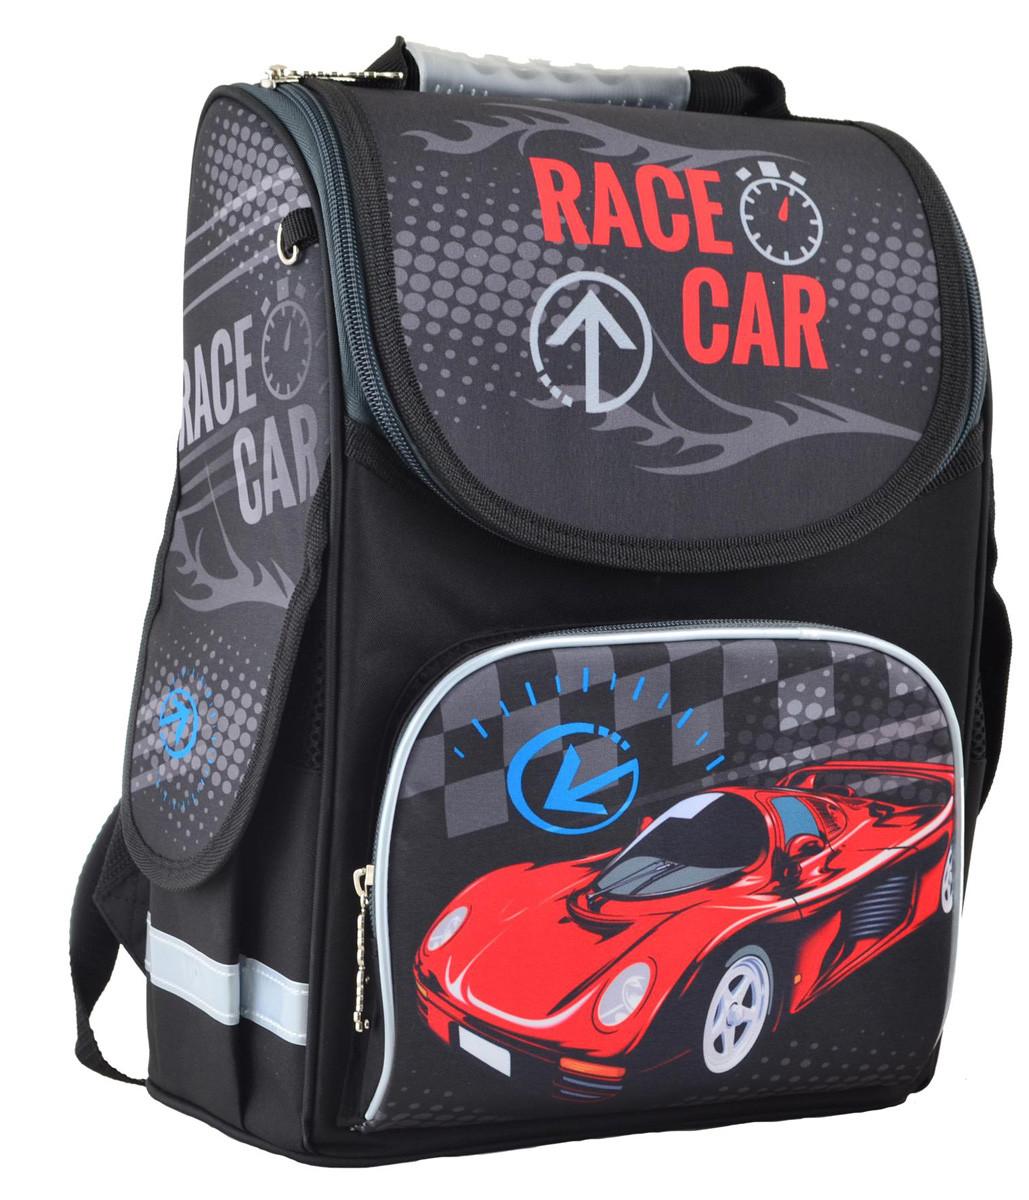 Рюкзак школьный каркасный Smart PG-11 Race car, 34*26*14 554513